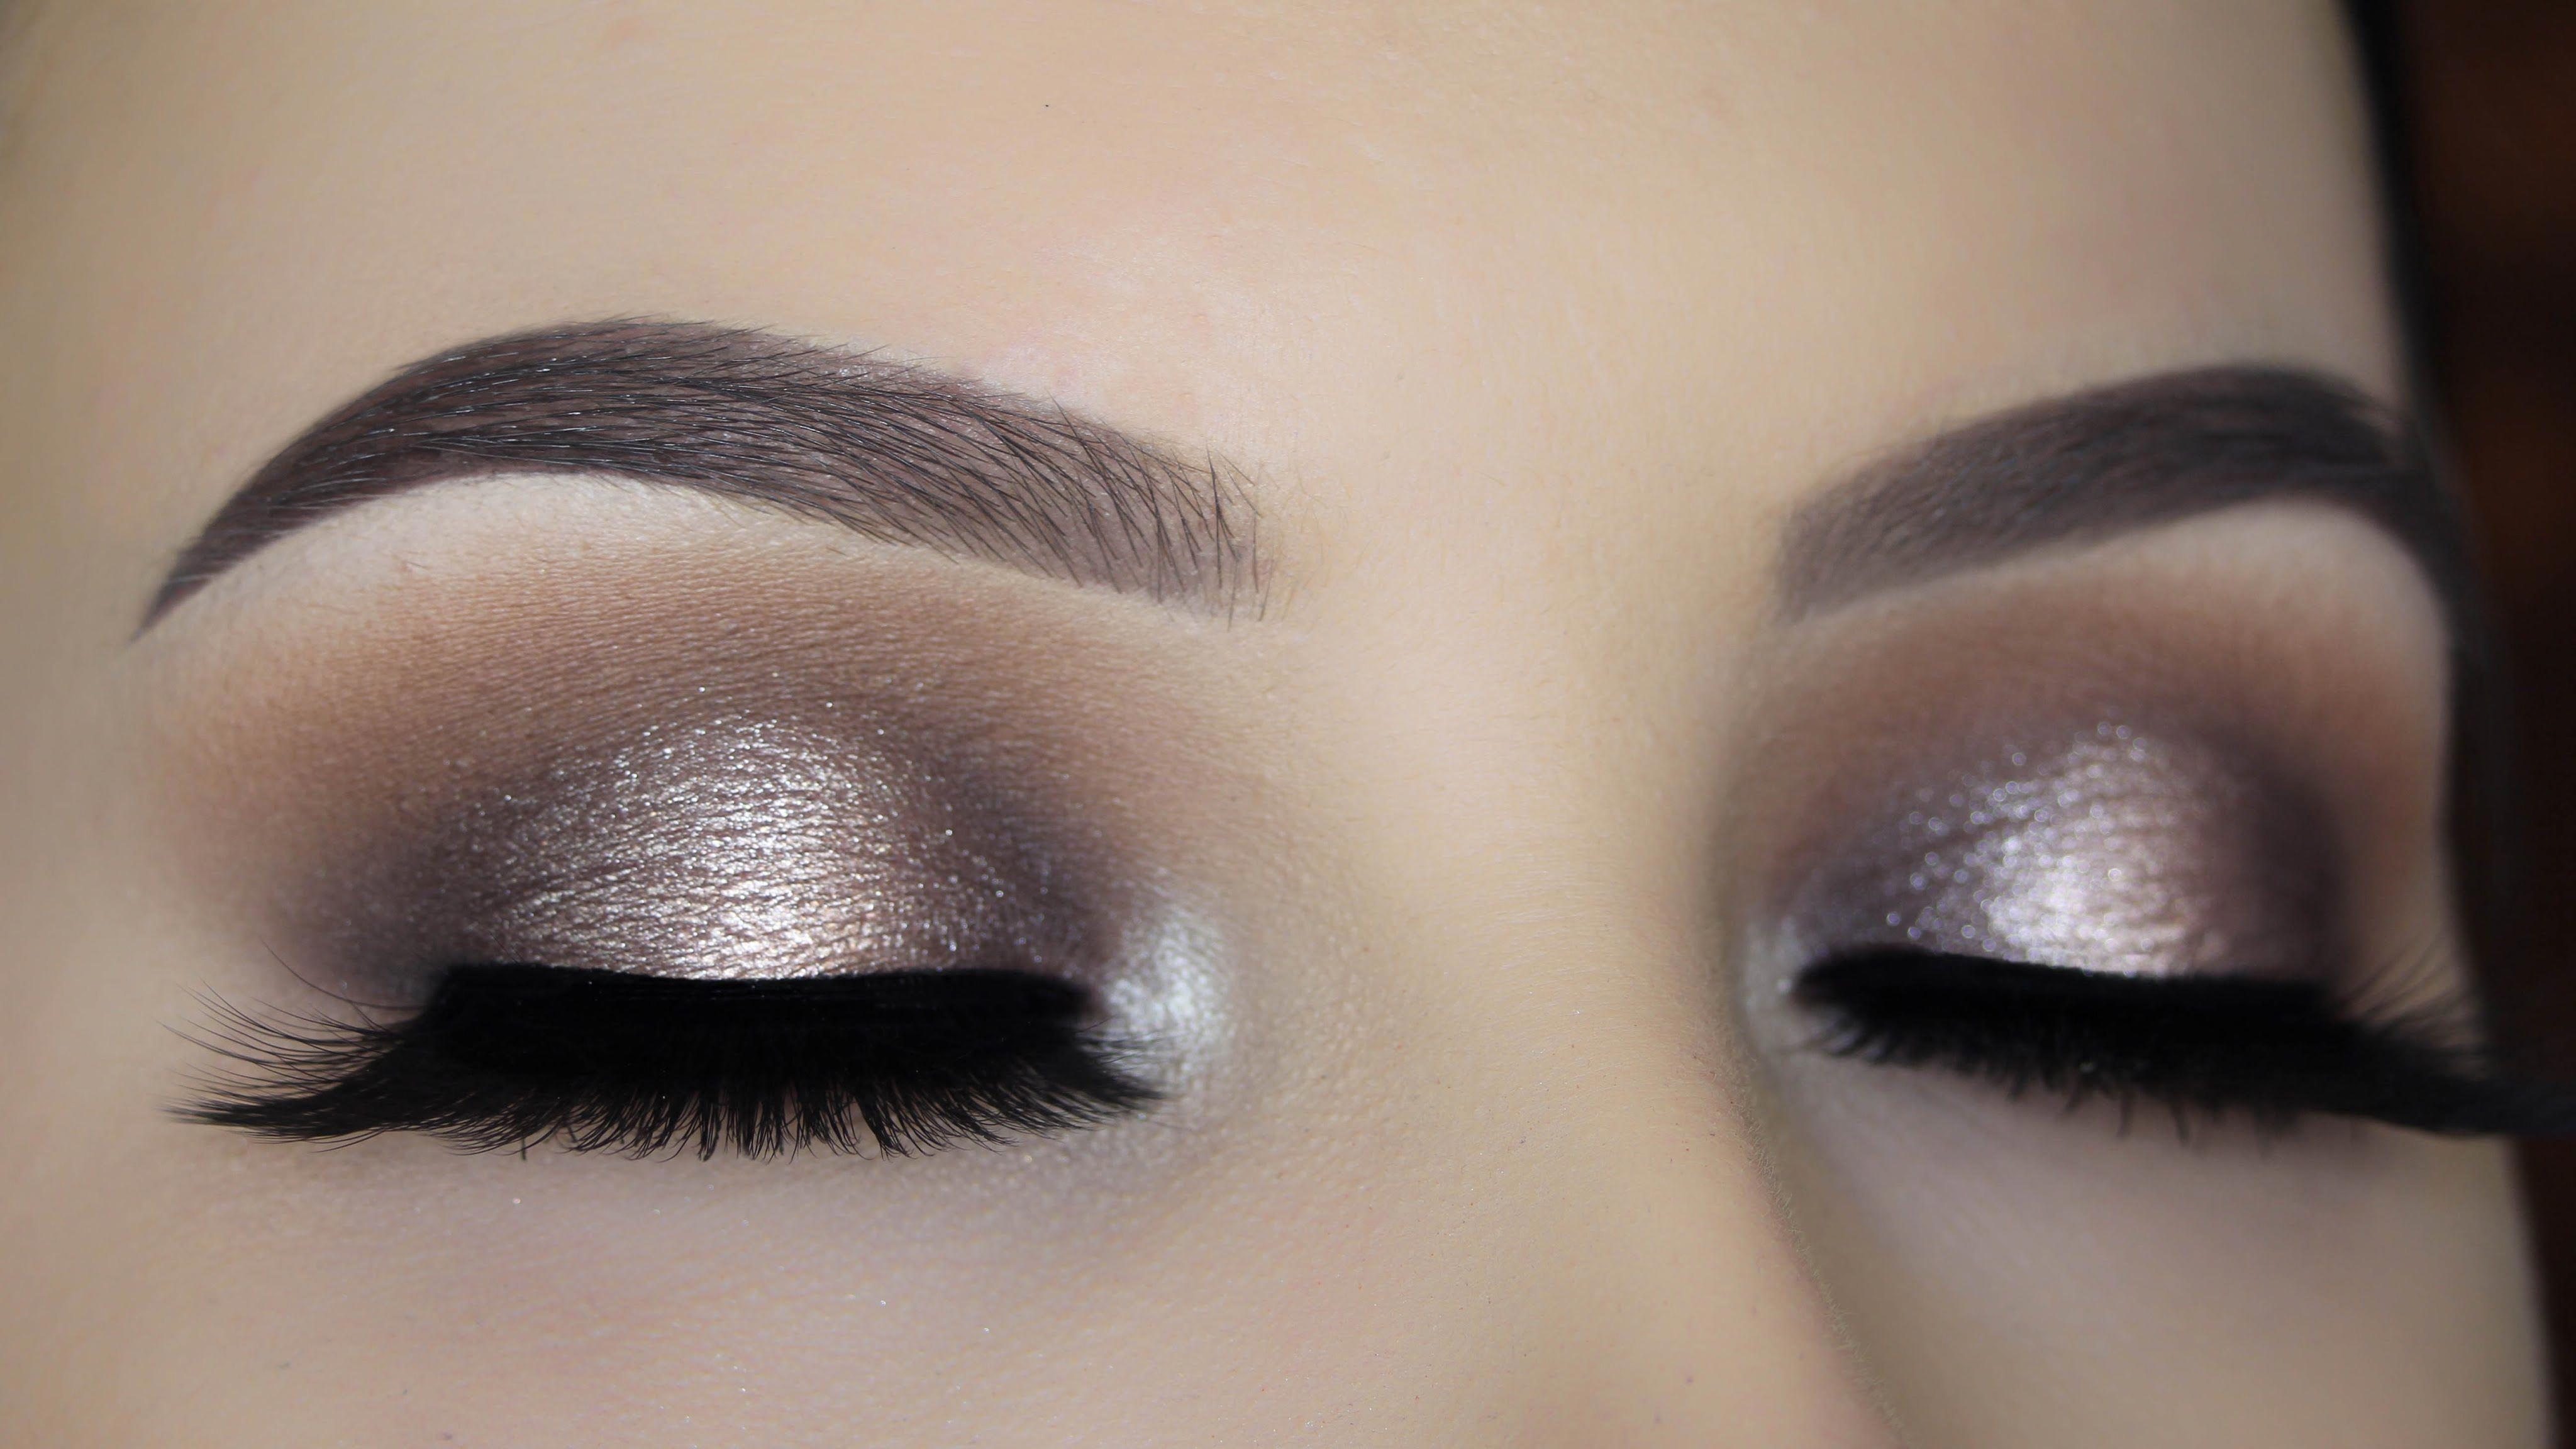 Halo Smokey Eye Makeup Tutorial easyeyemakeup Макияж